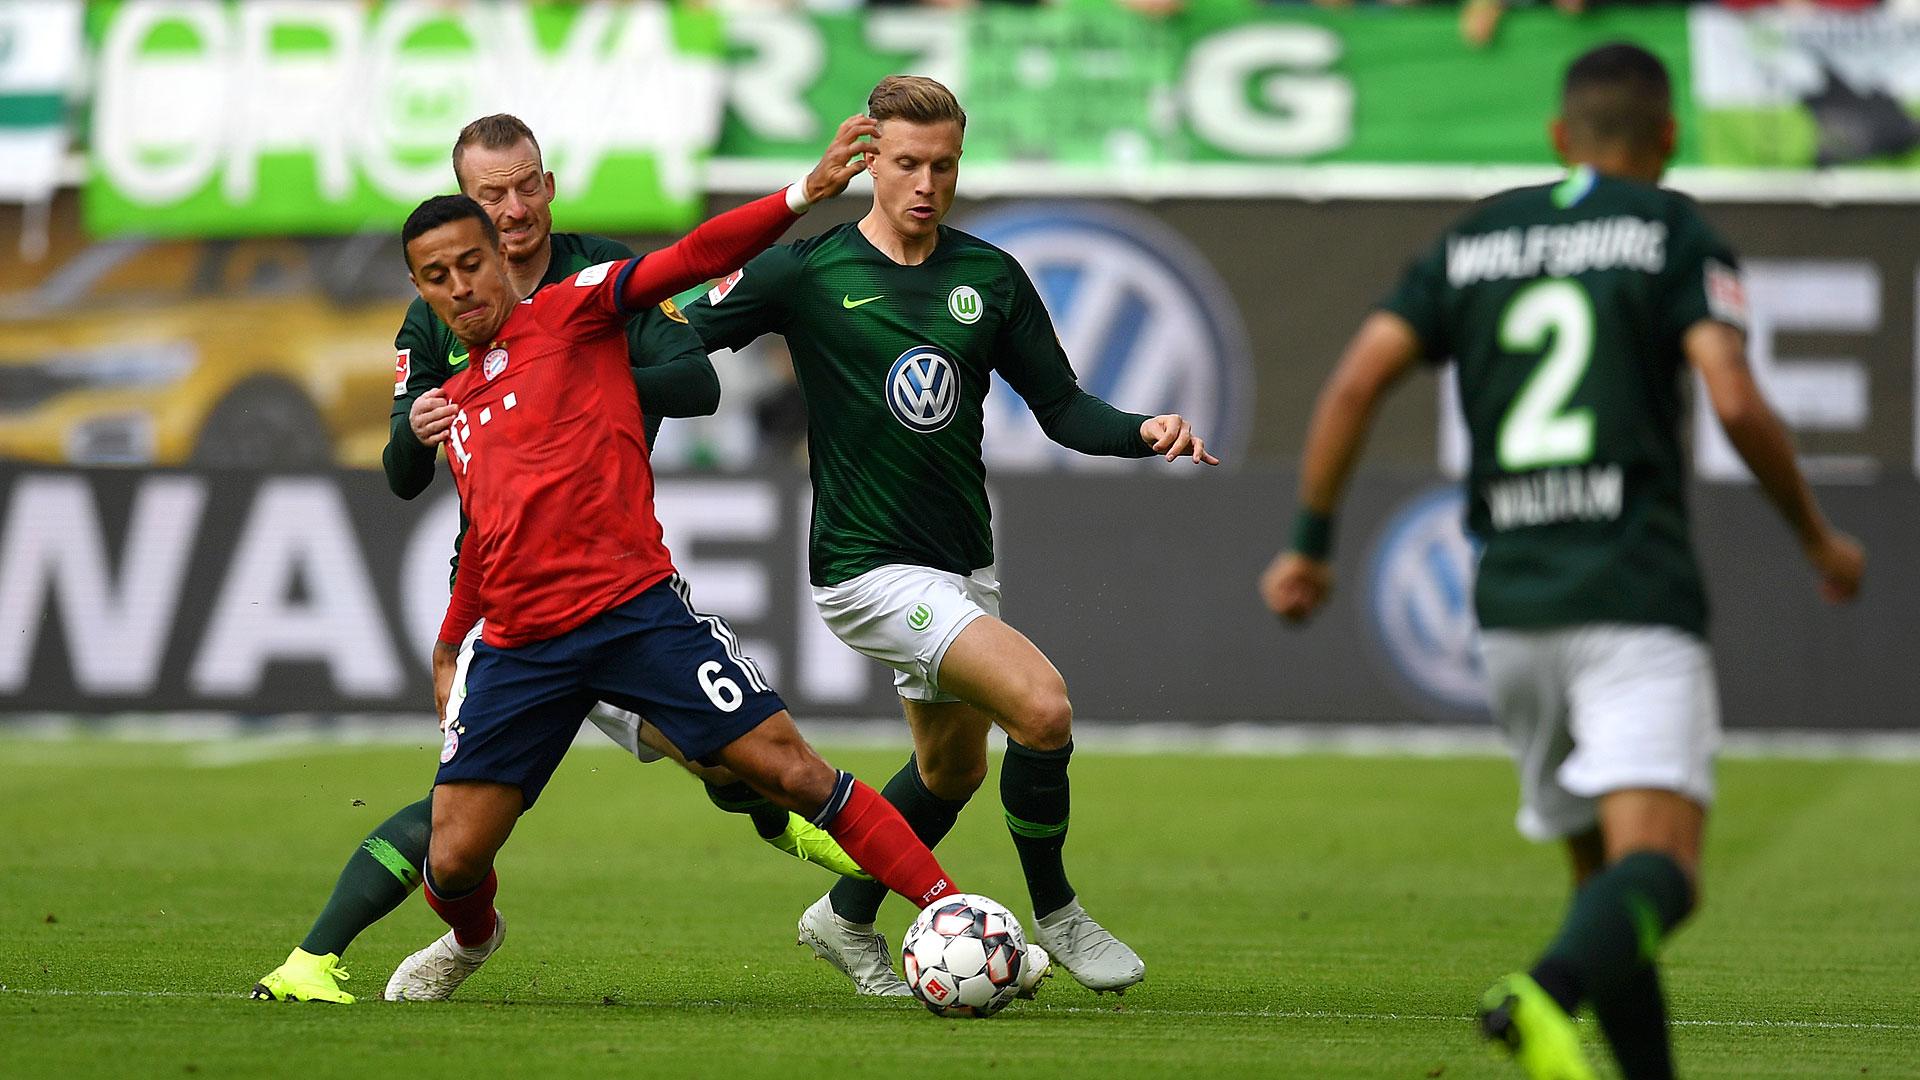 прогноз на 17.04.2021. «Вольфсбург» — «Бавария»